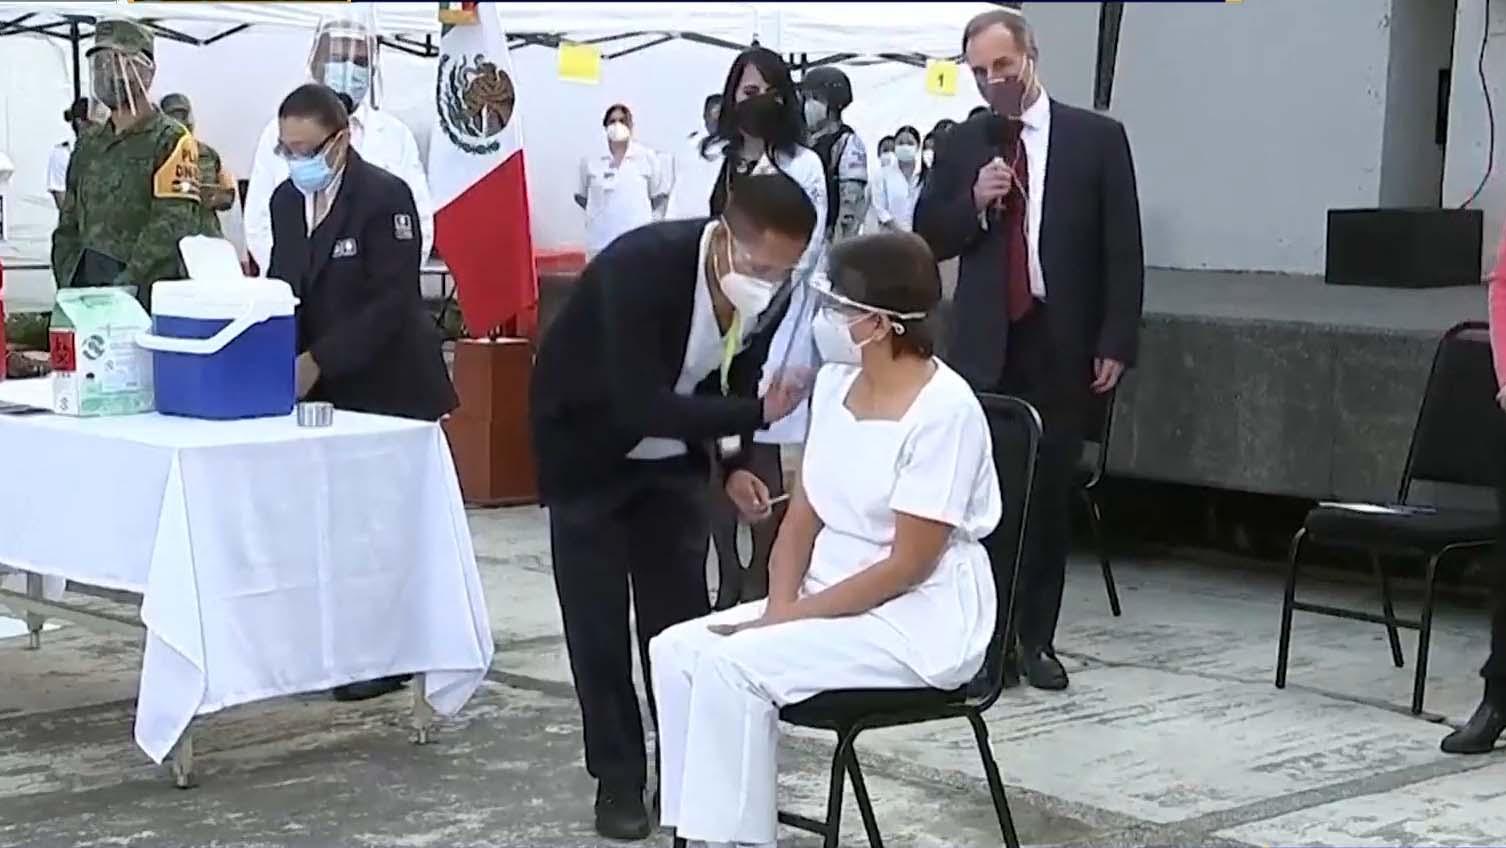 拉丁美洲多國陸續接種新冠病毒疫苗